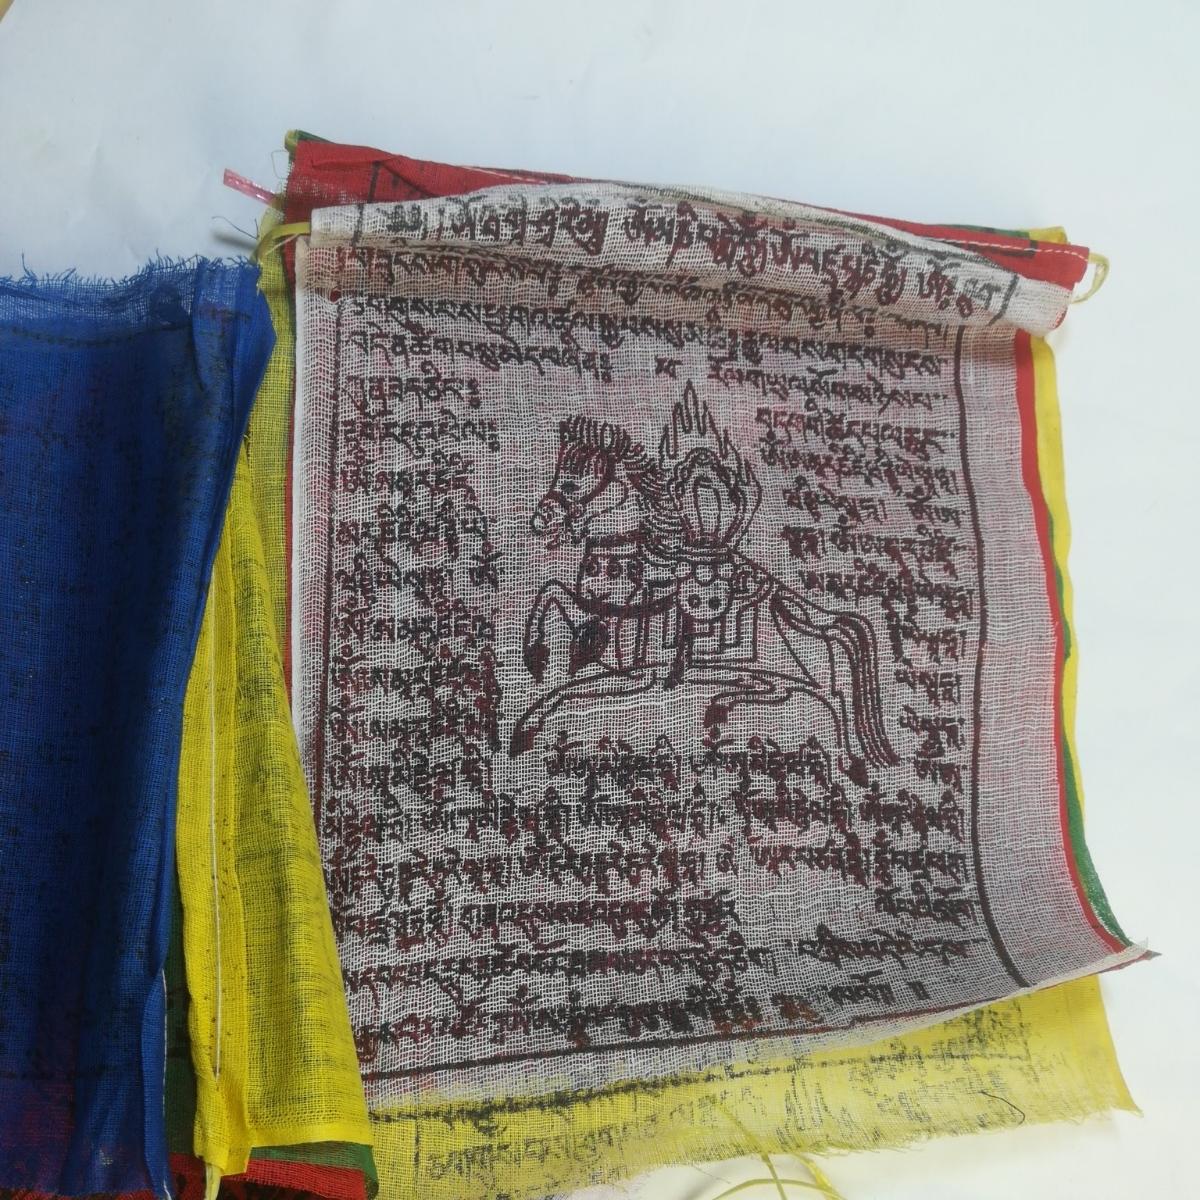 チベタンフラッグ 約20―27cm 旗約31枚 ストゥーパ寺院仏教 チベット 五体投地 成就 巡礼 密教曼荼羅 カイラス聖地巡礼 ヒンドゥーラマ開運_画像3